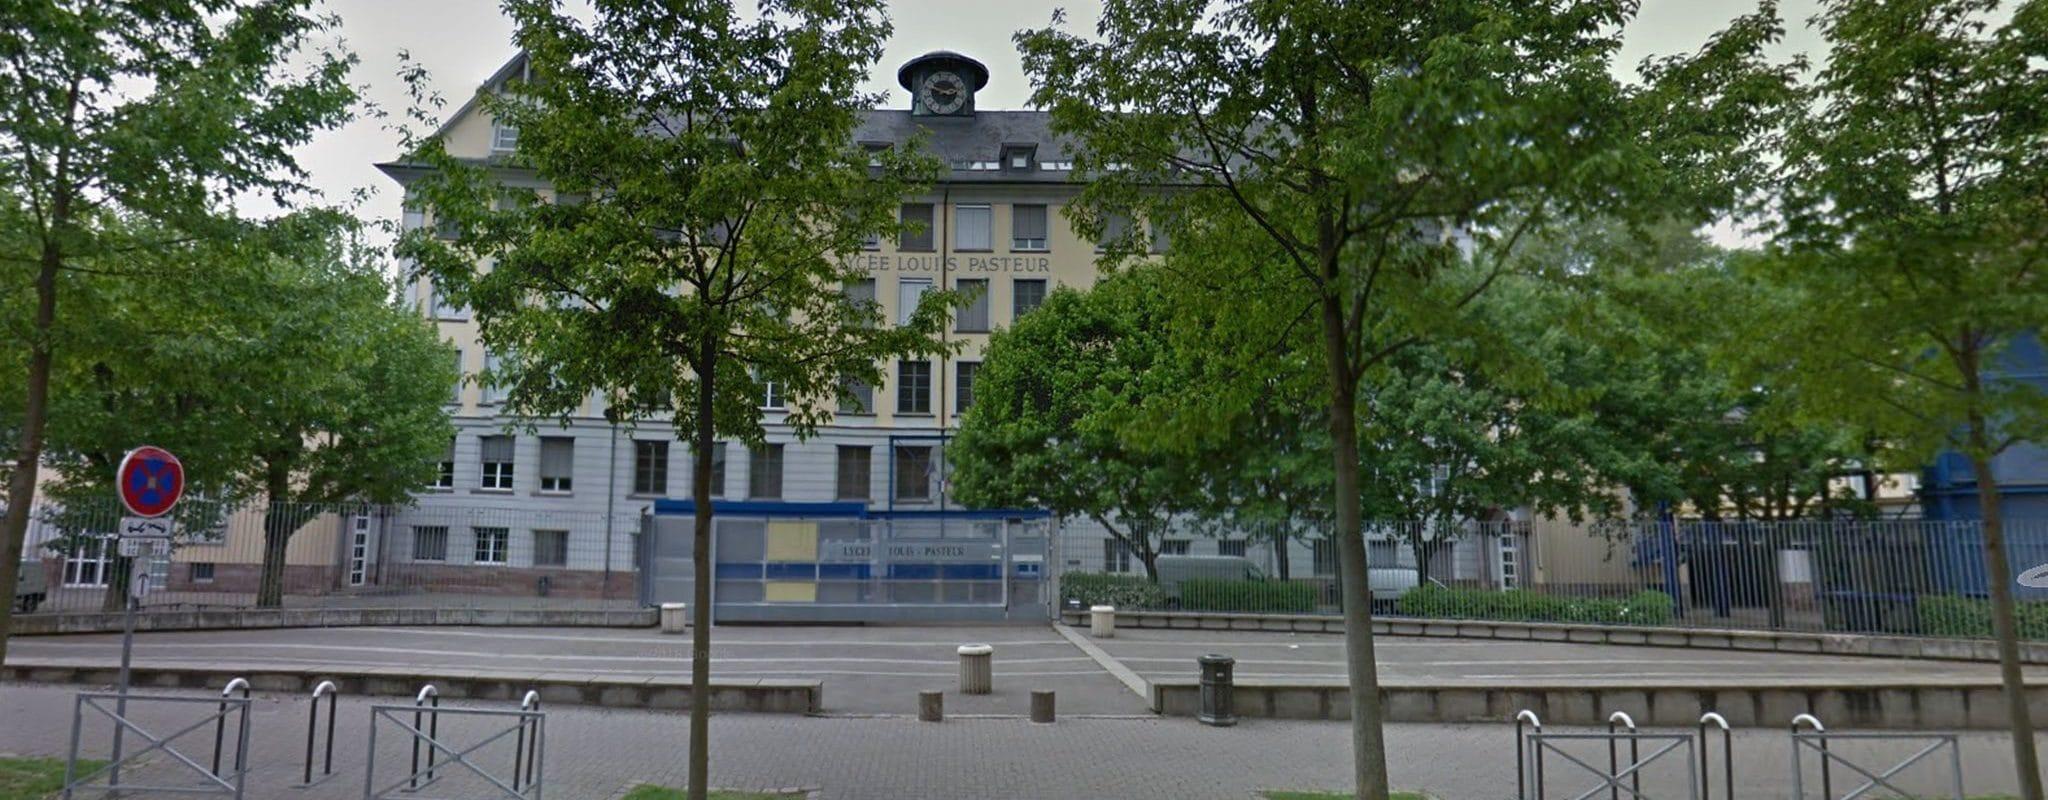 40 profs en grève mardi au lycée Pasteur